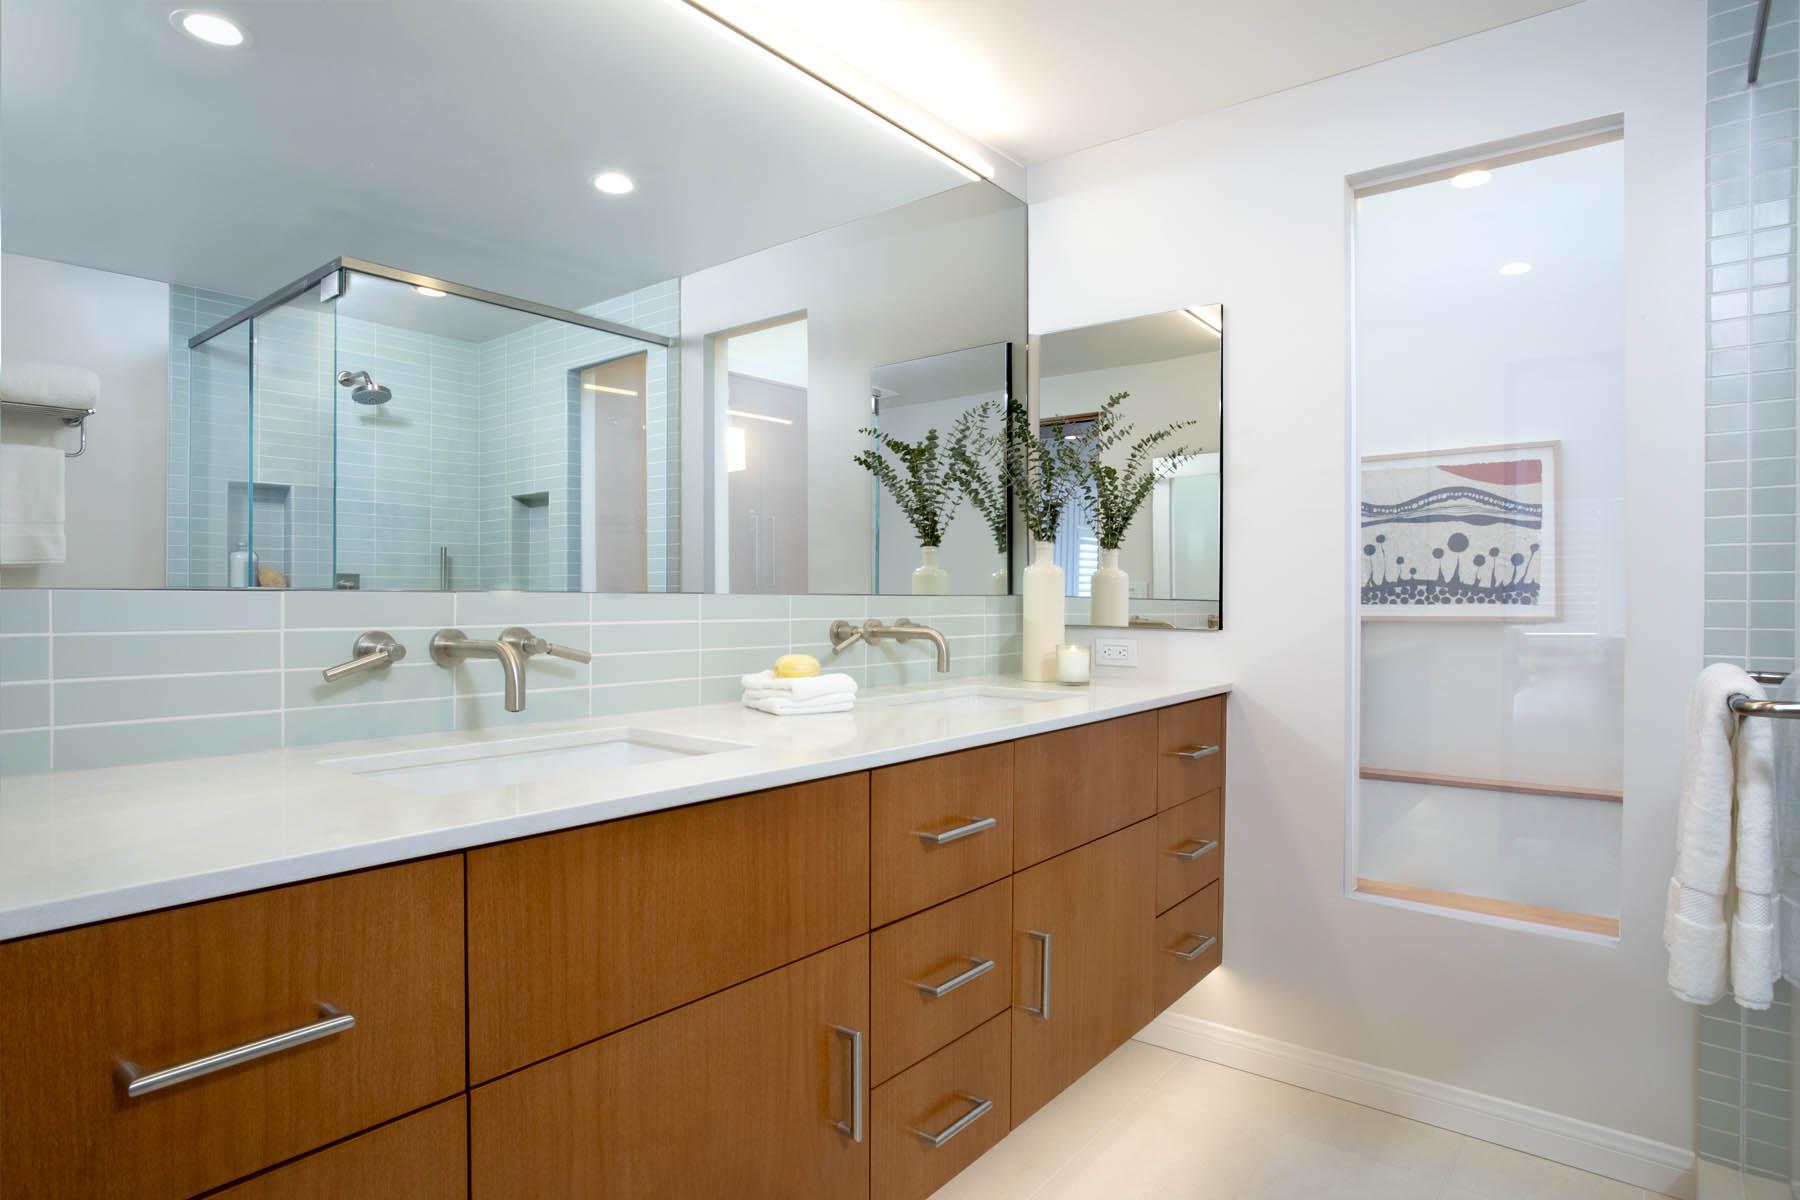 Hankoff bathroom